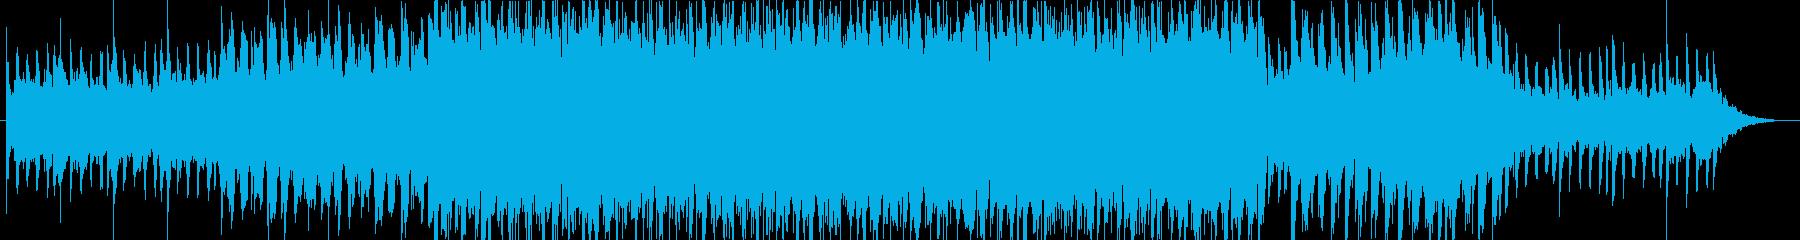 ストーリー性豊かなトロピカルハウス曲・Hの再生済みの波形